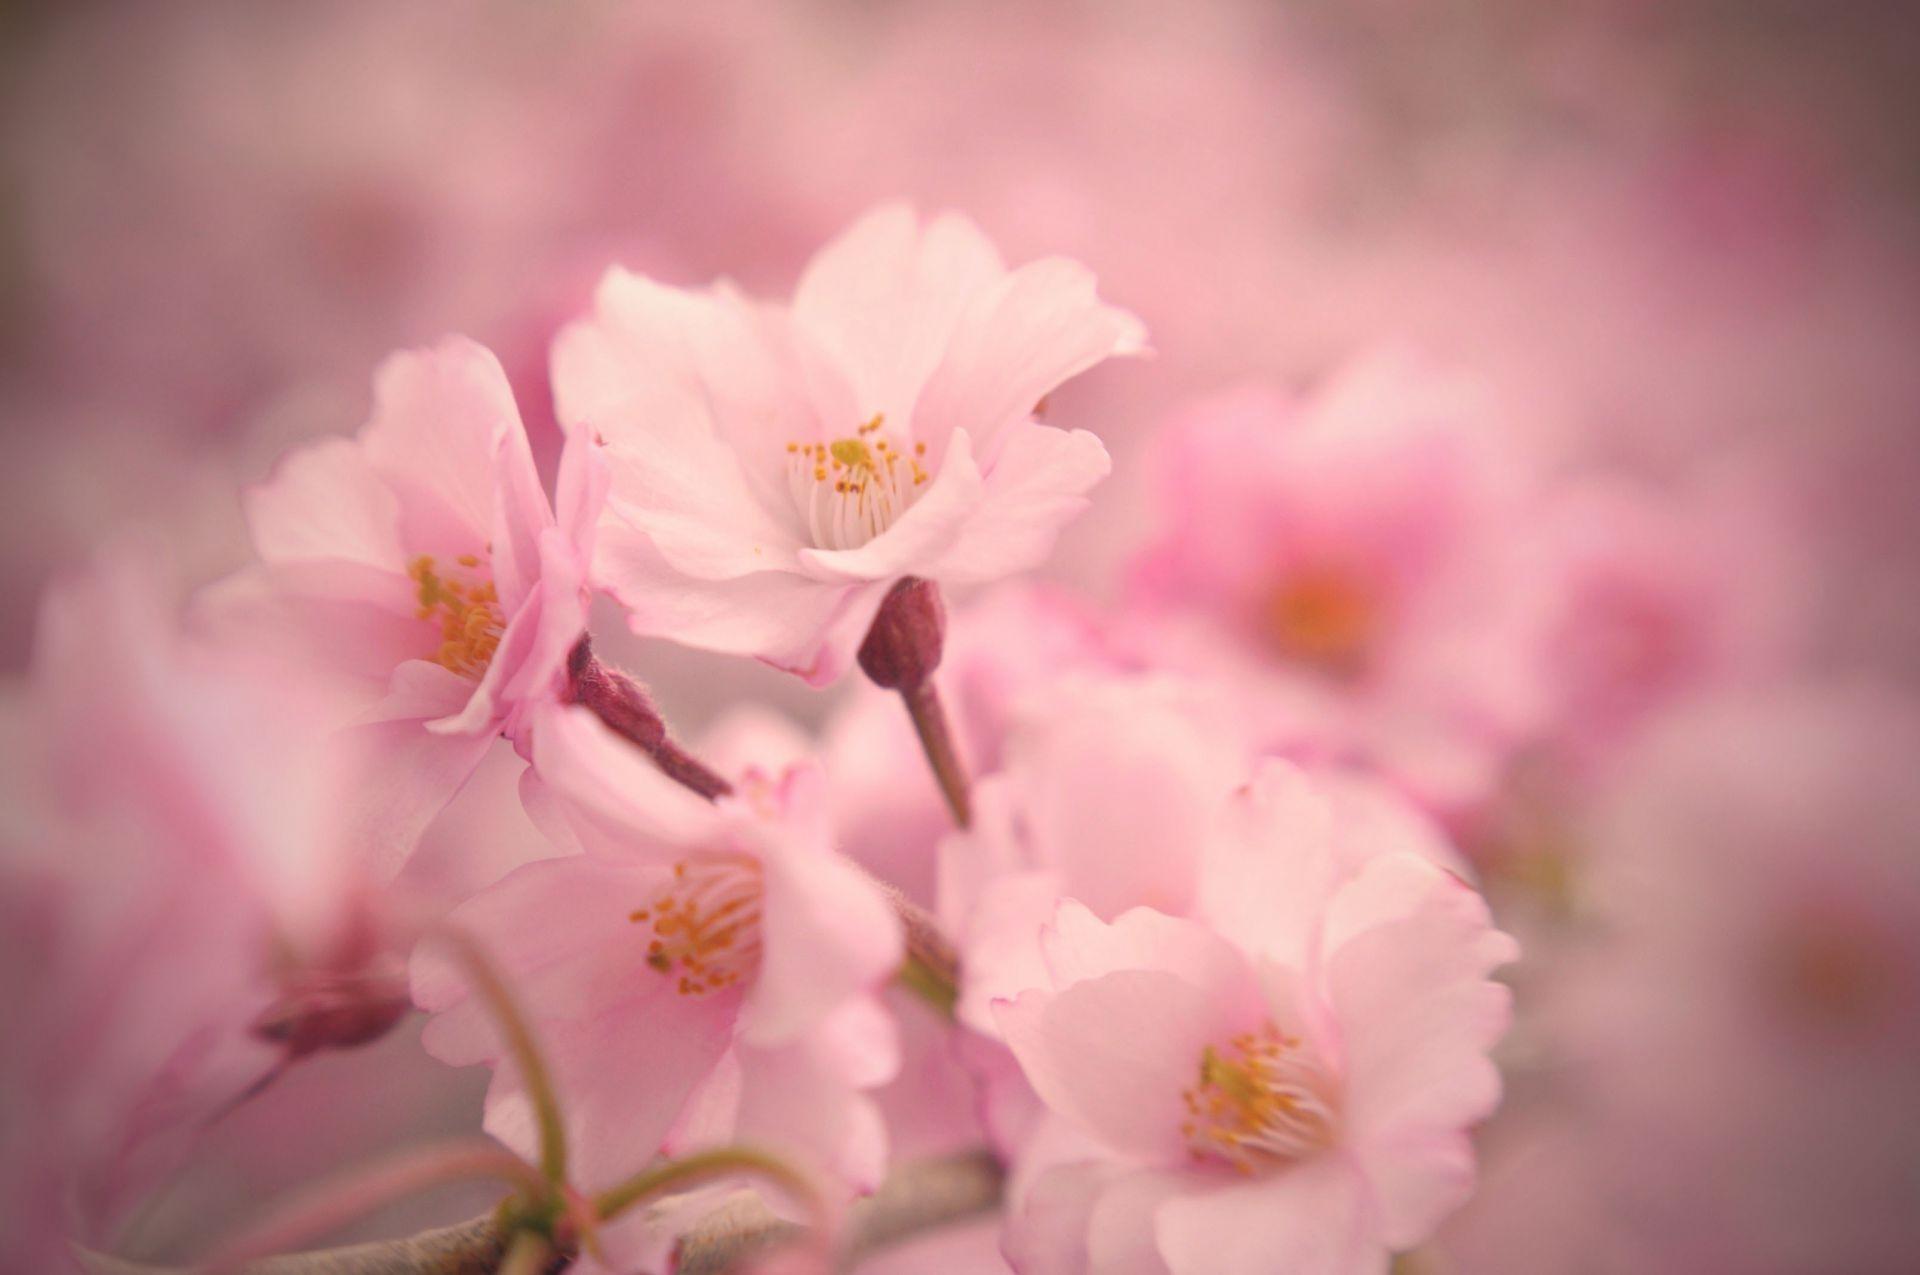 Картинка с нежно розовым цветом